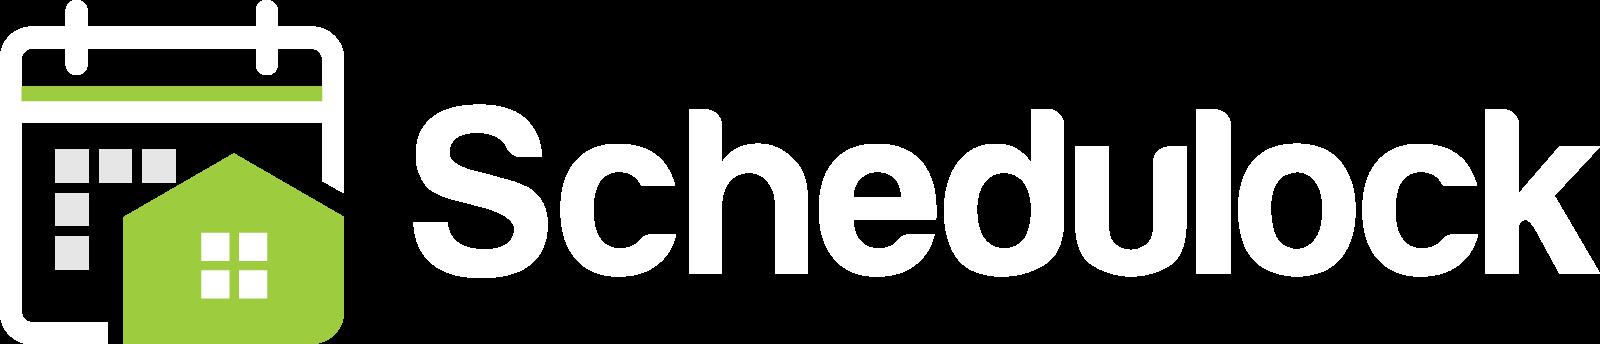 Schedulock